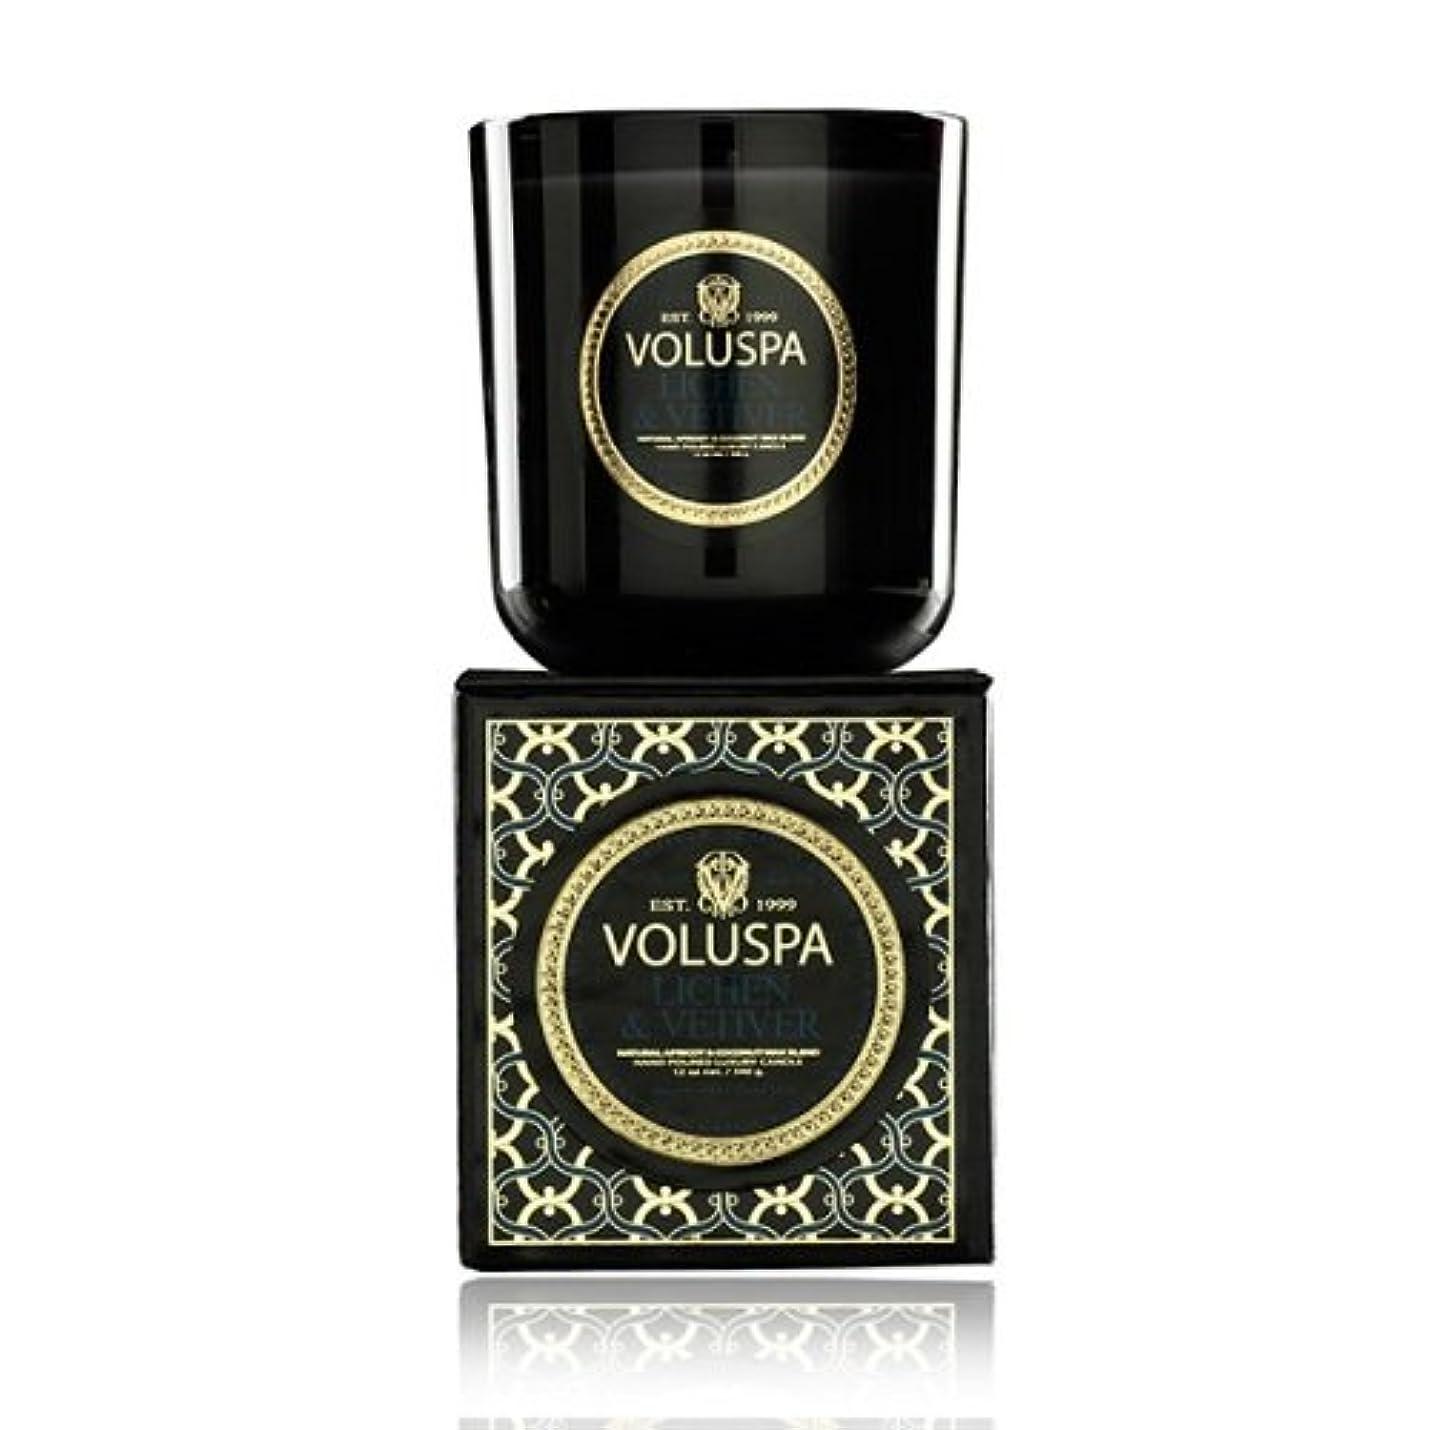 先入観シュリンク対処Voluspa ボルスパ メゾンノワール ボックス入りグラスキャンドル ライケン&ベチバー MAISON NOIR Box Glass Candle LICHEN & VETIVER